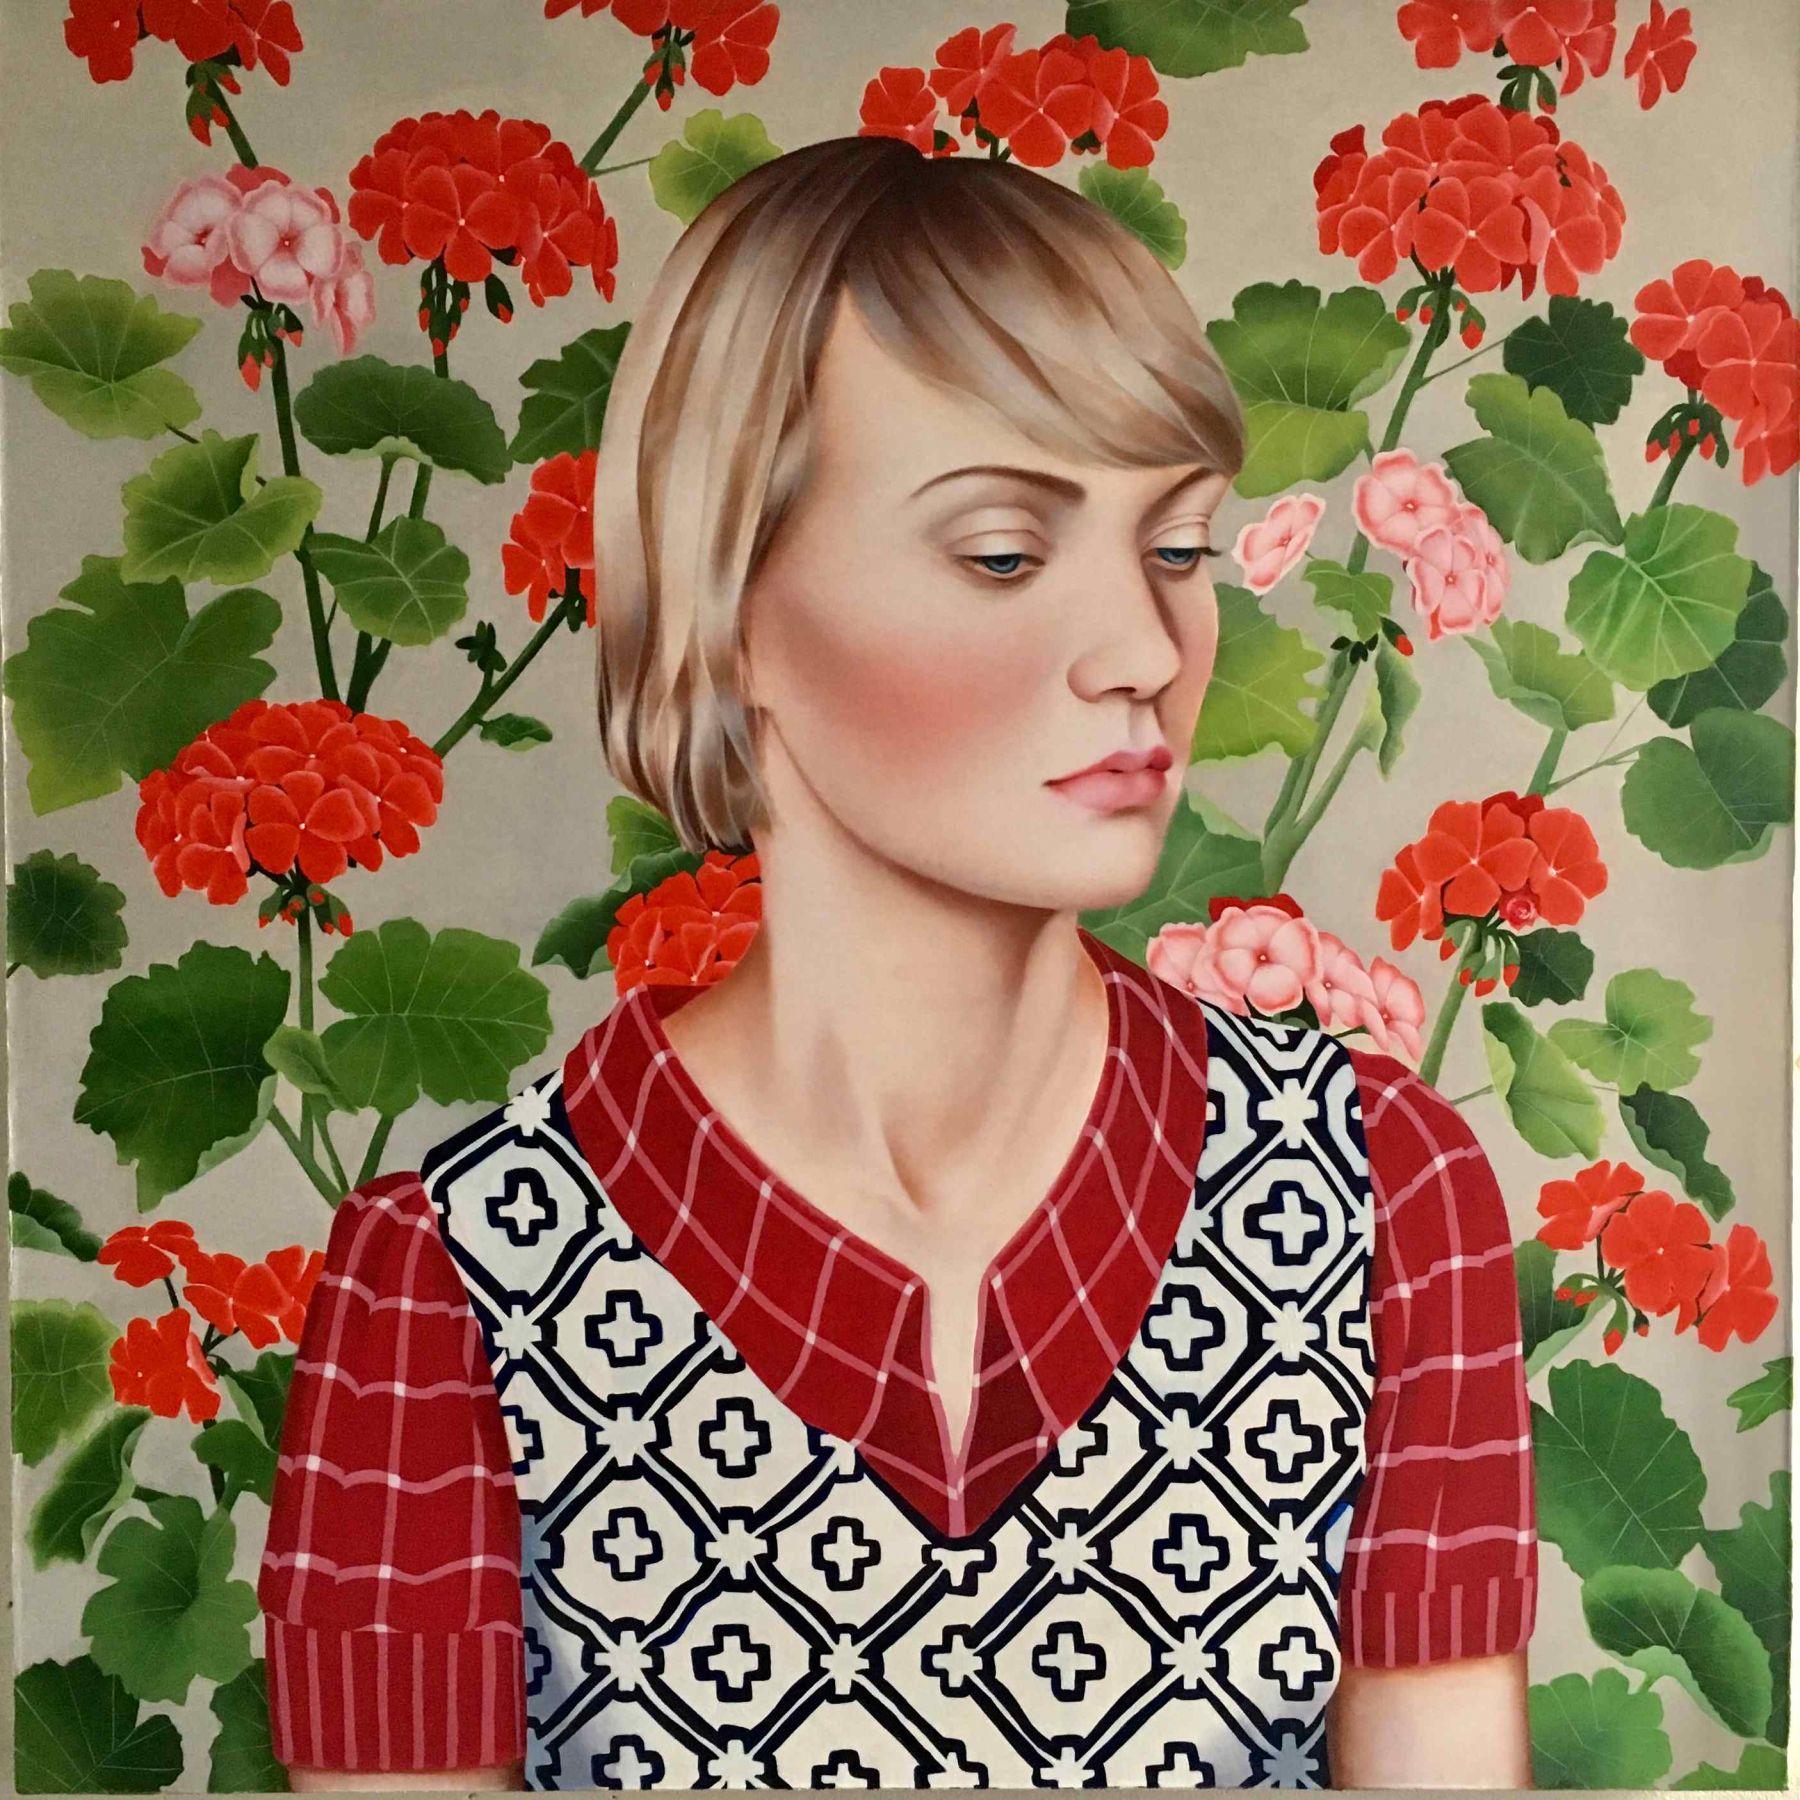 Jocelyn Hobbie, Ruby Lake (Geraniums), 2017